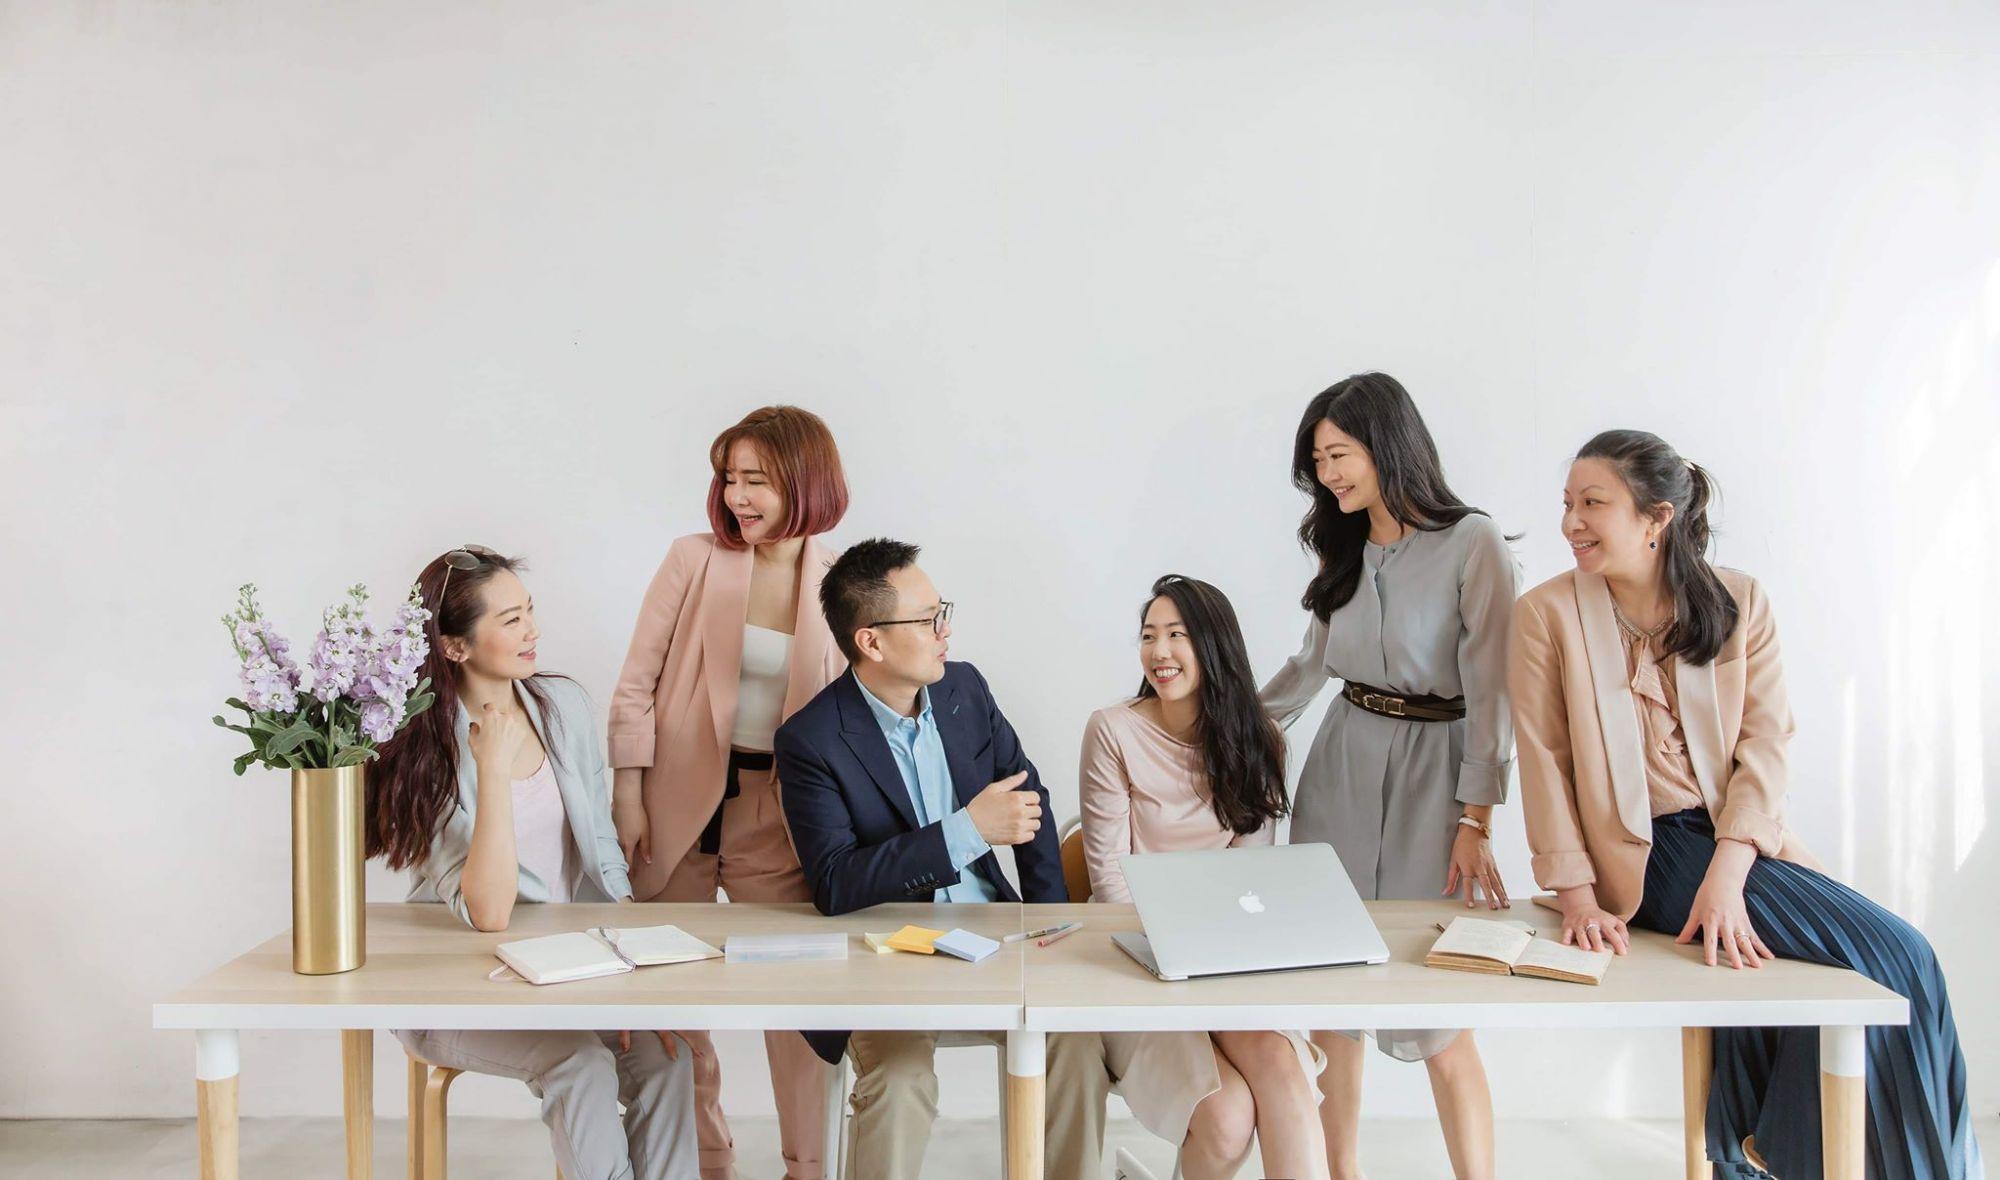 凝聚柔性力量!Careher打造專屬職場女性的成長平台